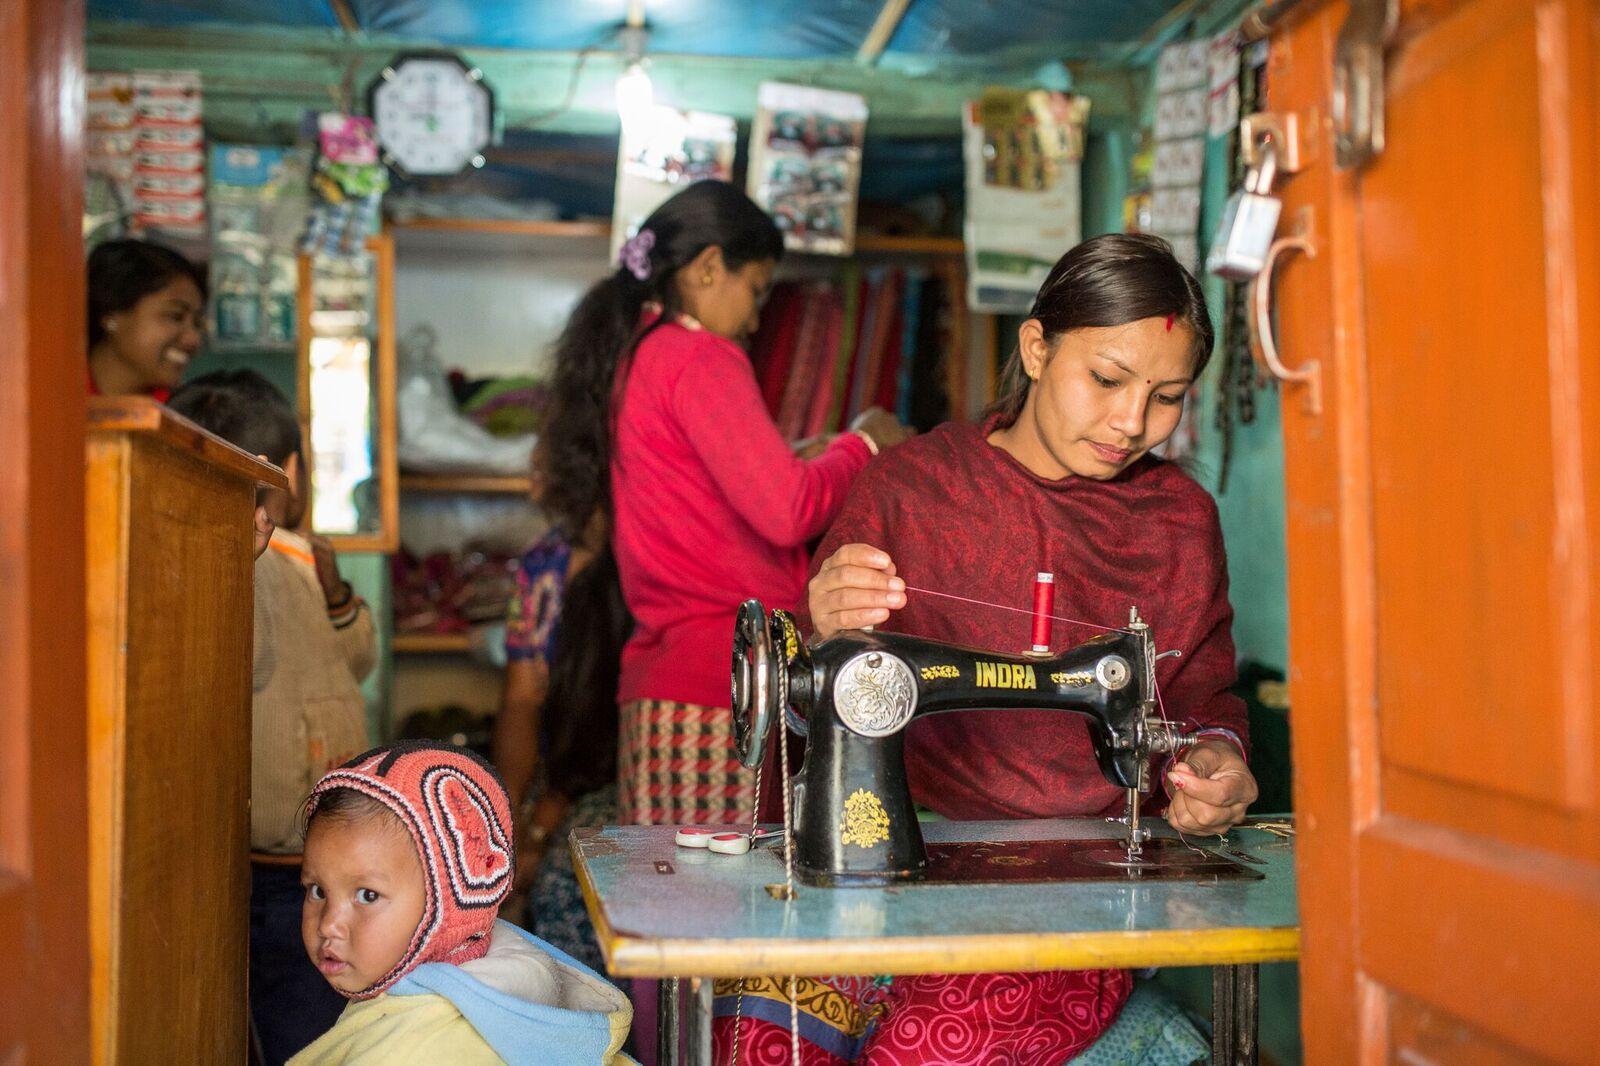 Naisten asemaa edistämällä parannetaan koko maailmaa